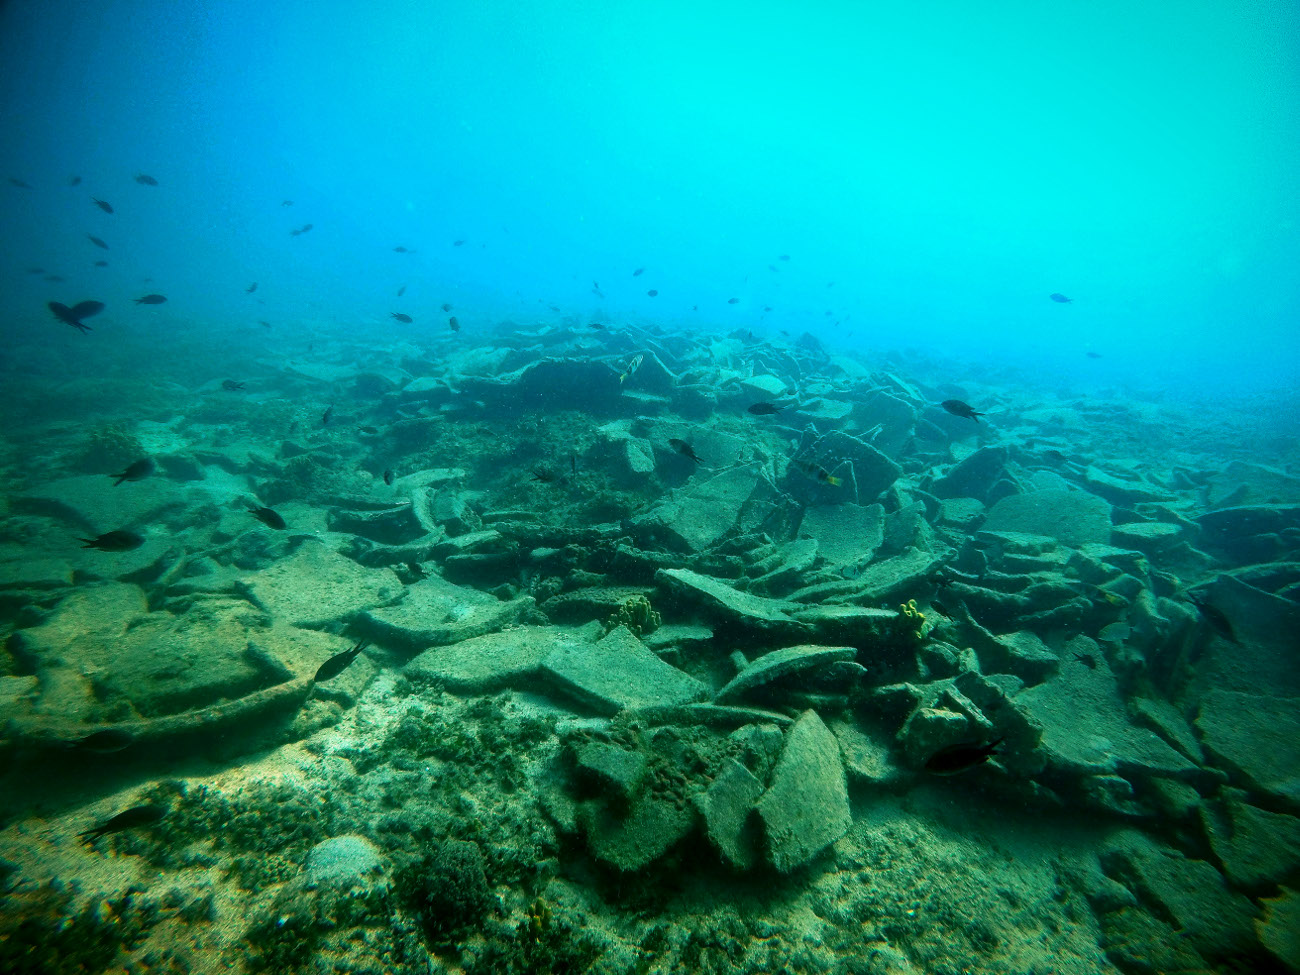 Ευρήματα στον βυθό της Αλοννήσου γύρω από το περίφημο ναυάγιο της Περιστέρας